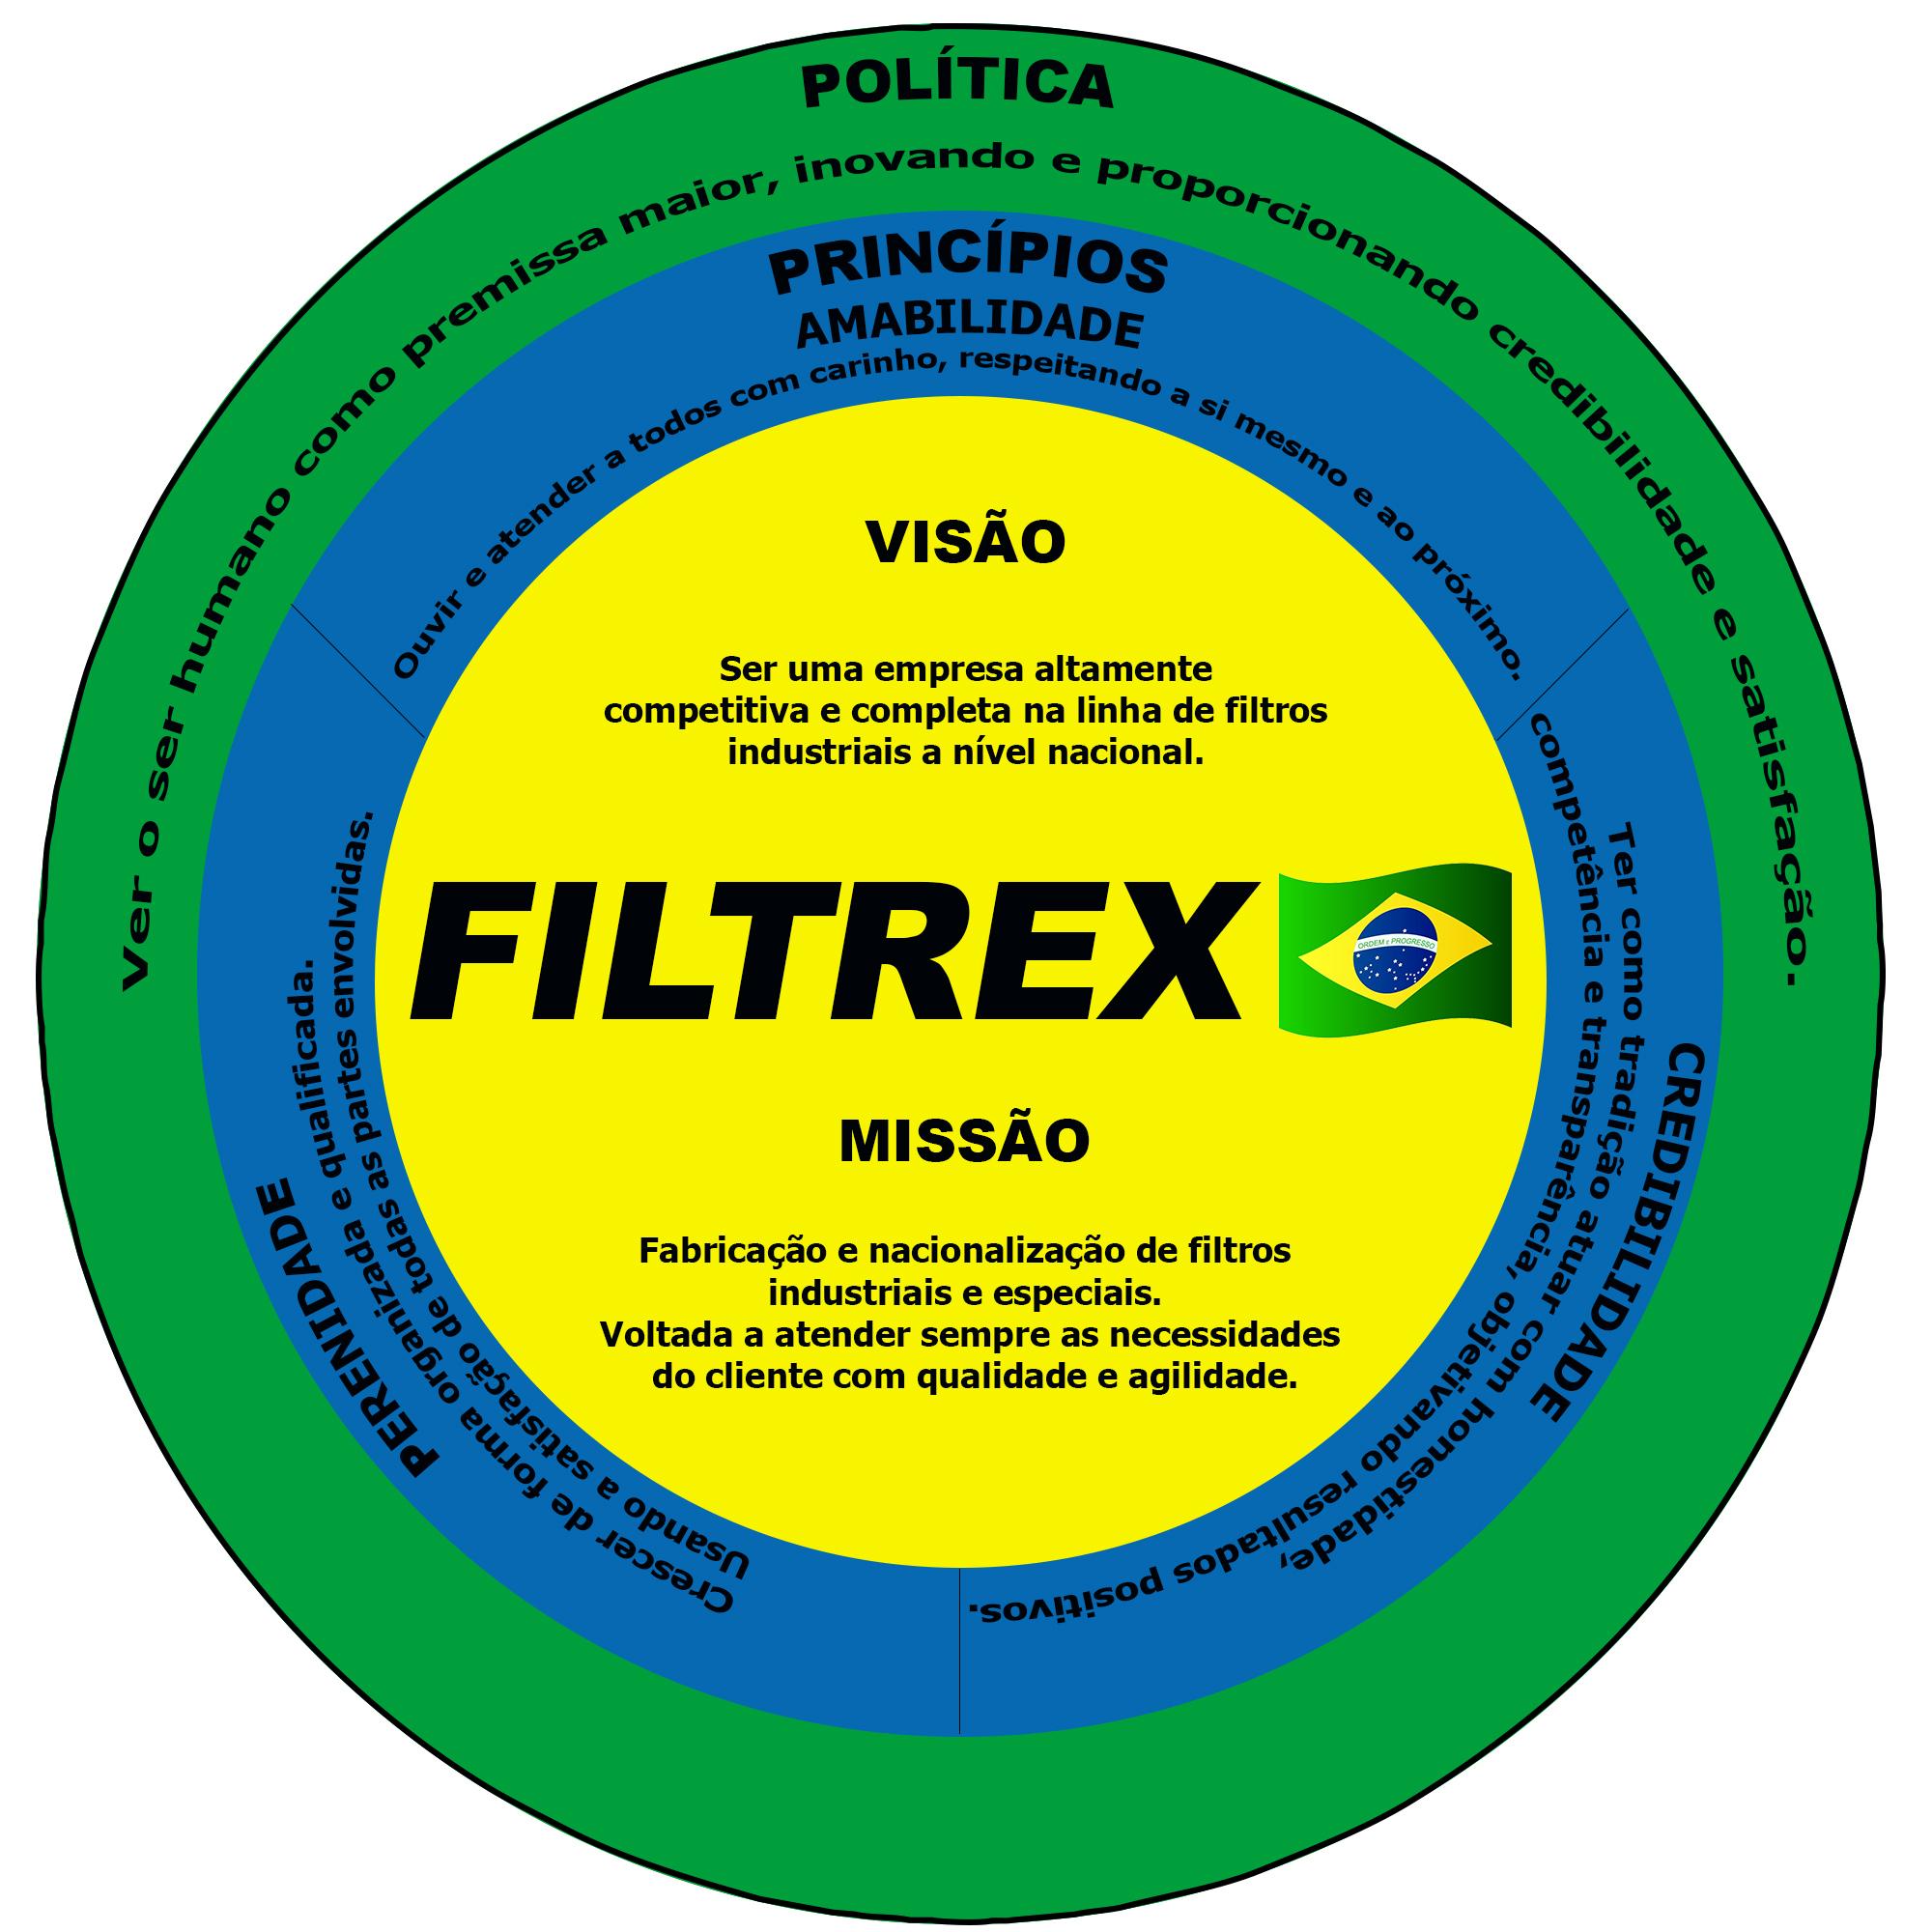 POLITICA-FILTREX